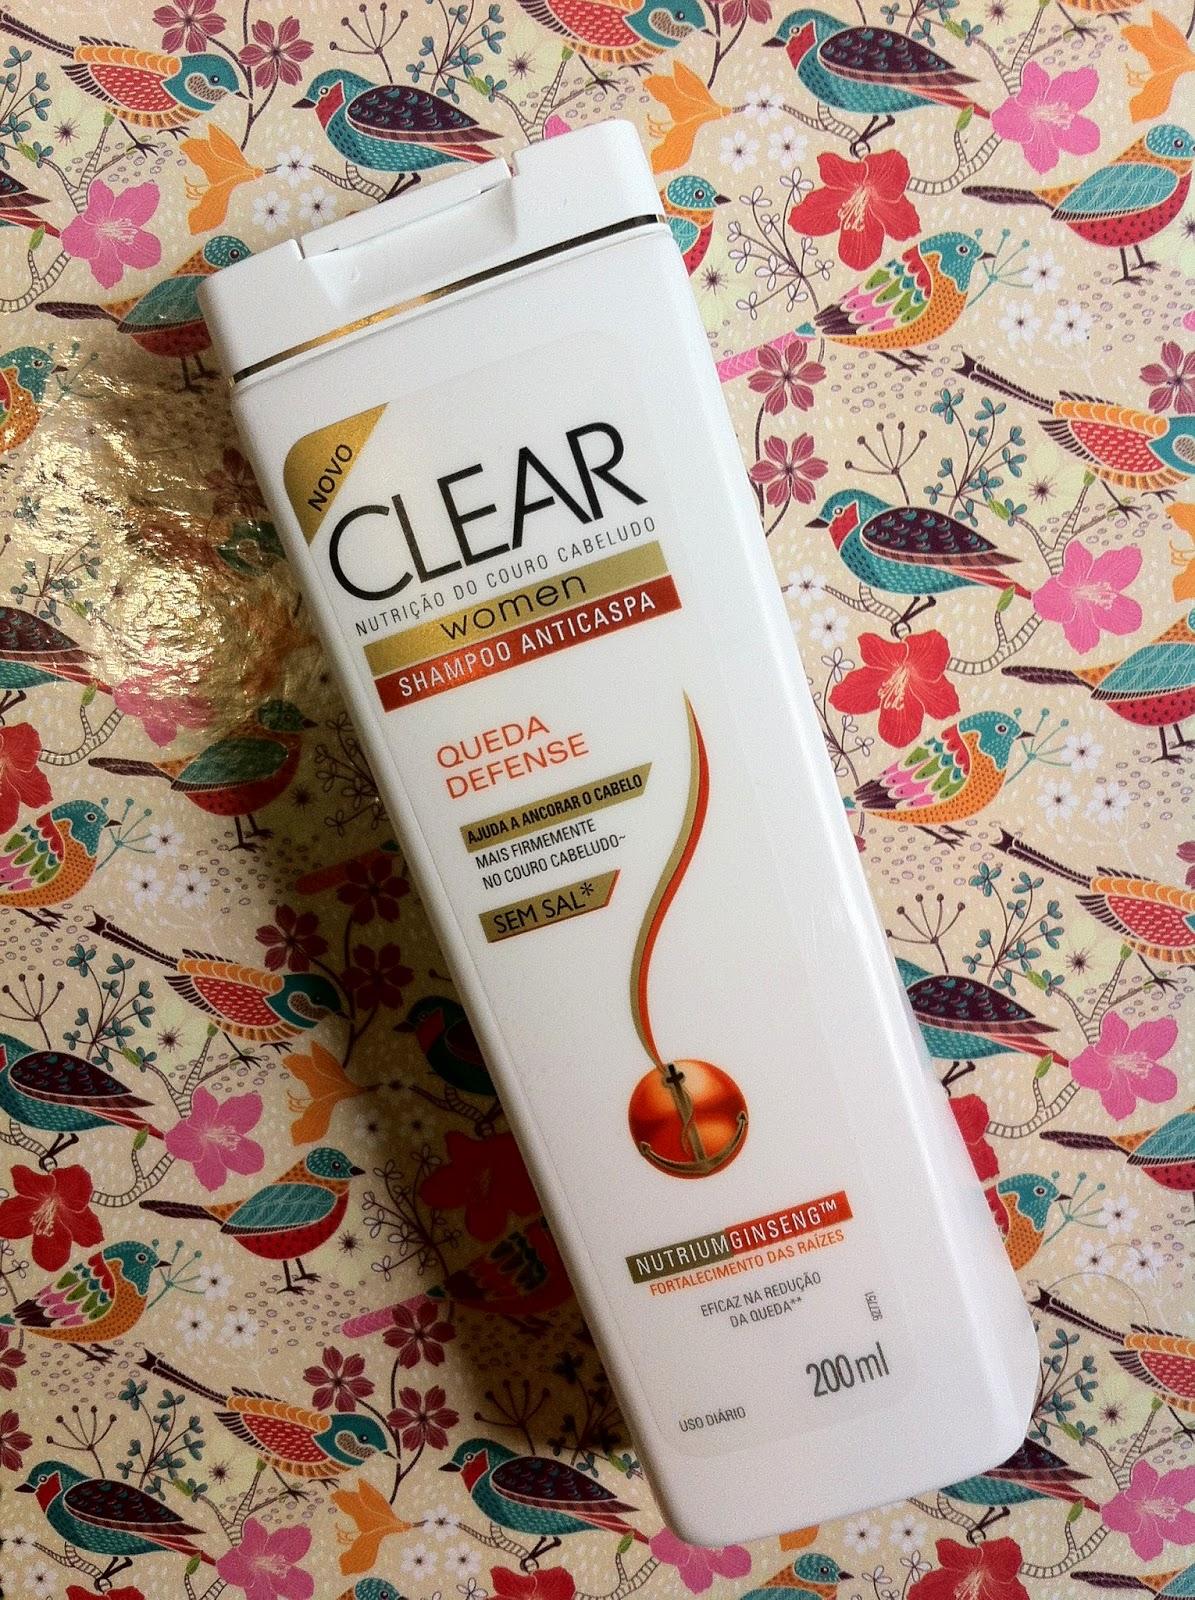 shampoo clear queda defense favoritos do mês de setembro por pabline torrecilla